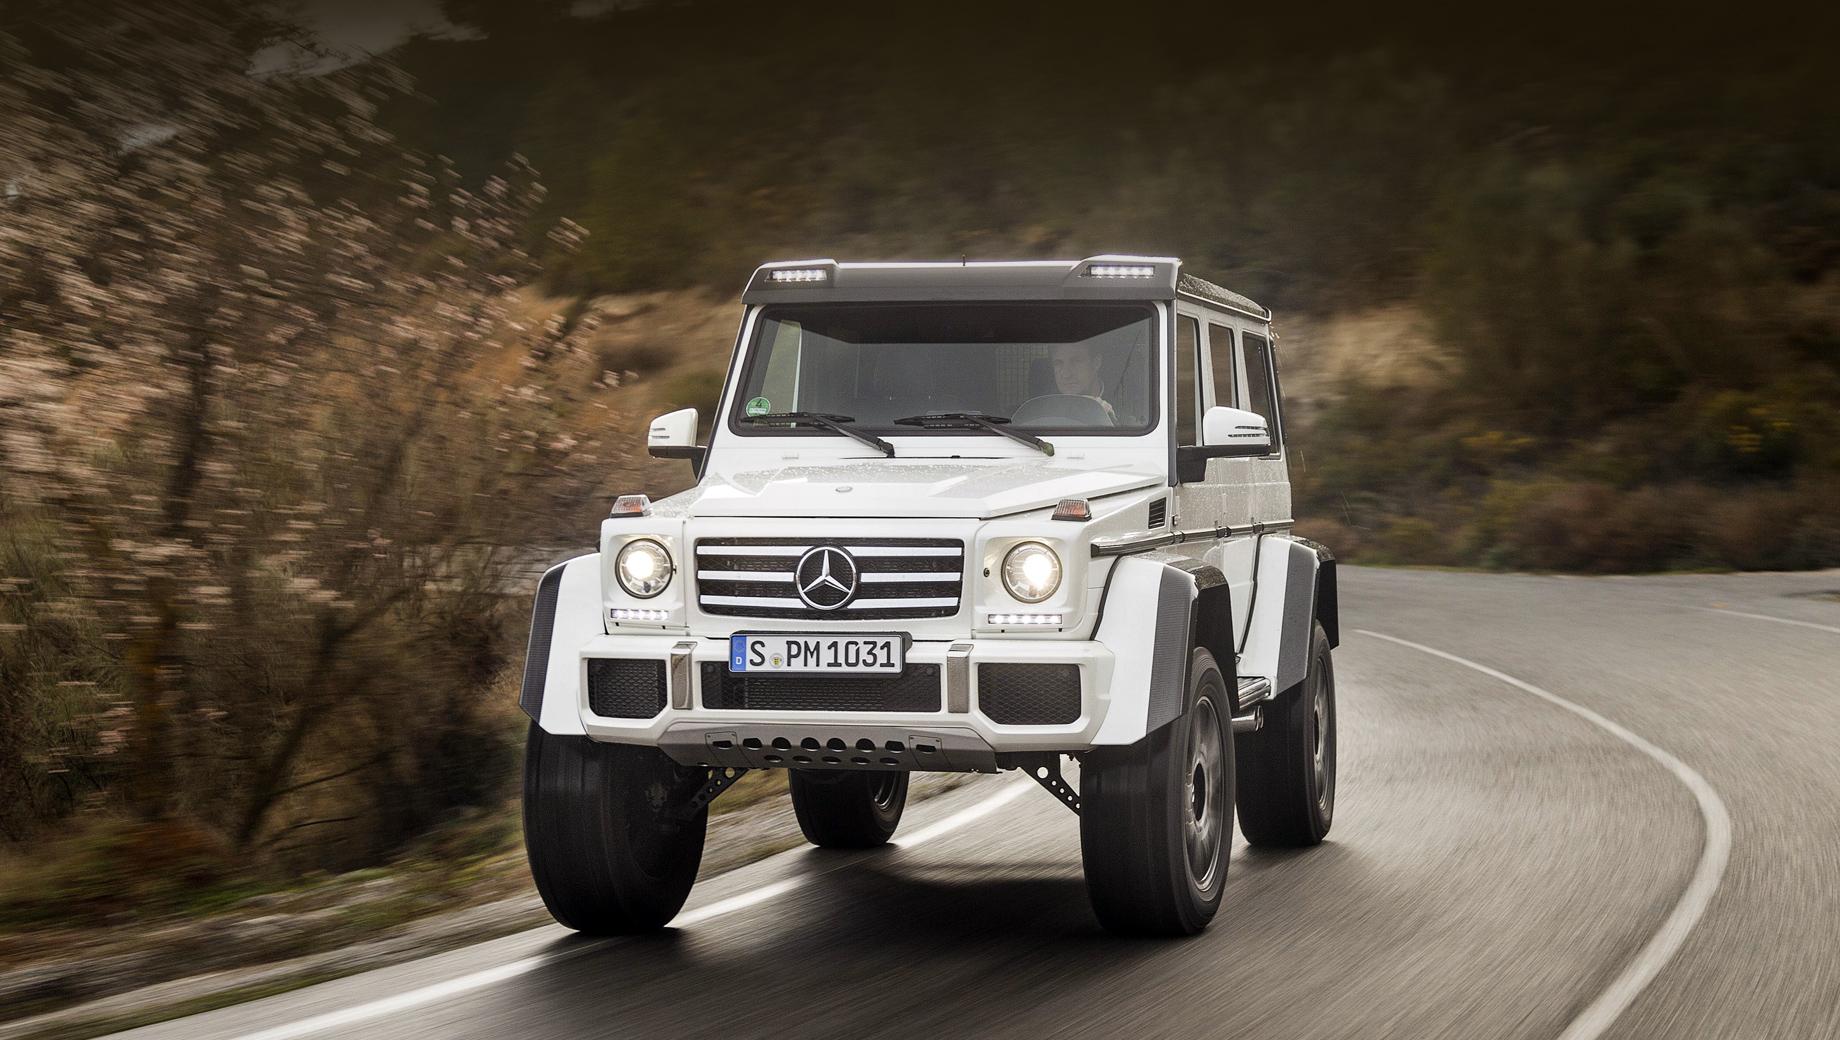 Mercedes g,Mercedes g 4x4. Прошлый G 500 4×4² (2015–2017 годы, на фото) был самой экстремальной внедорожной версией Гелендвагена, не считая шестиколёсного G 63 AMG 6x6, который в 2013–2015 годах был выпущен тиражом чуть выше сотни штук.